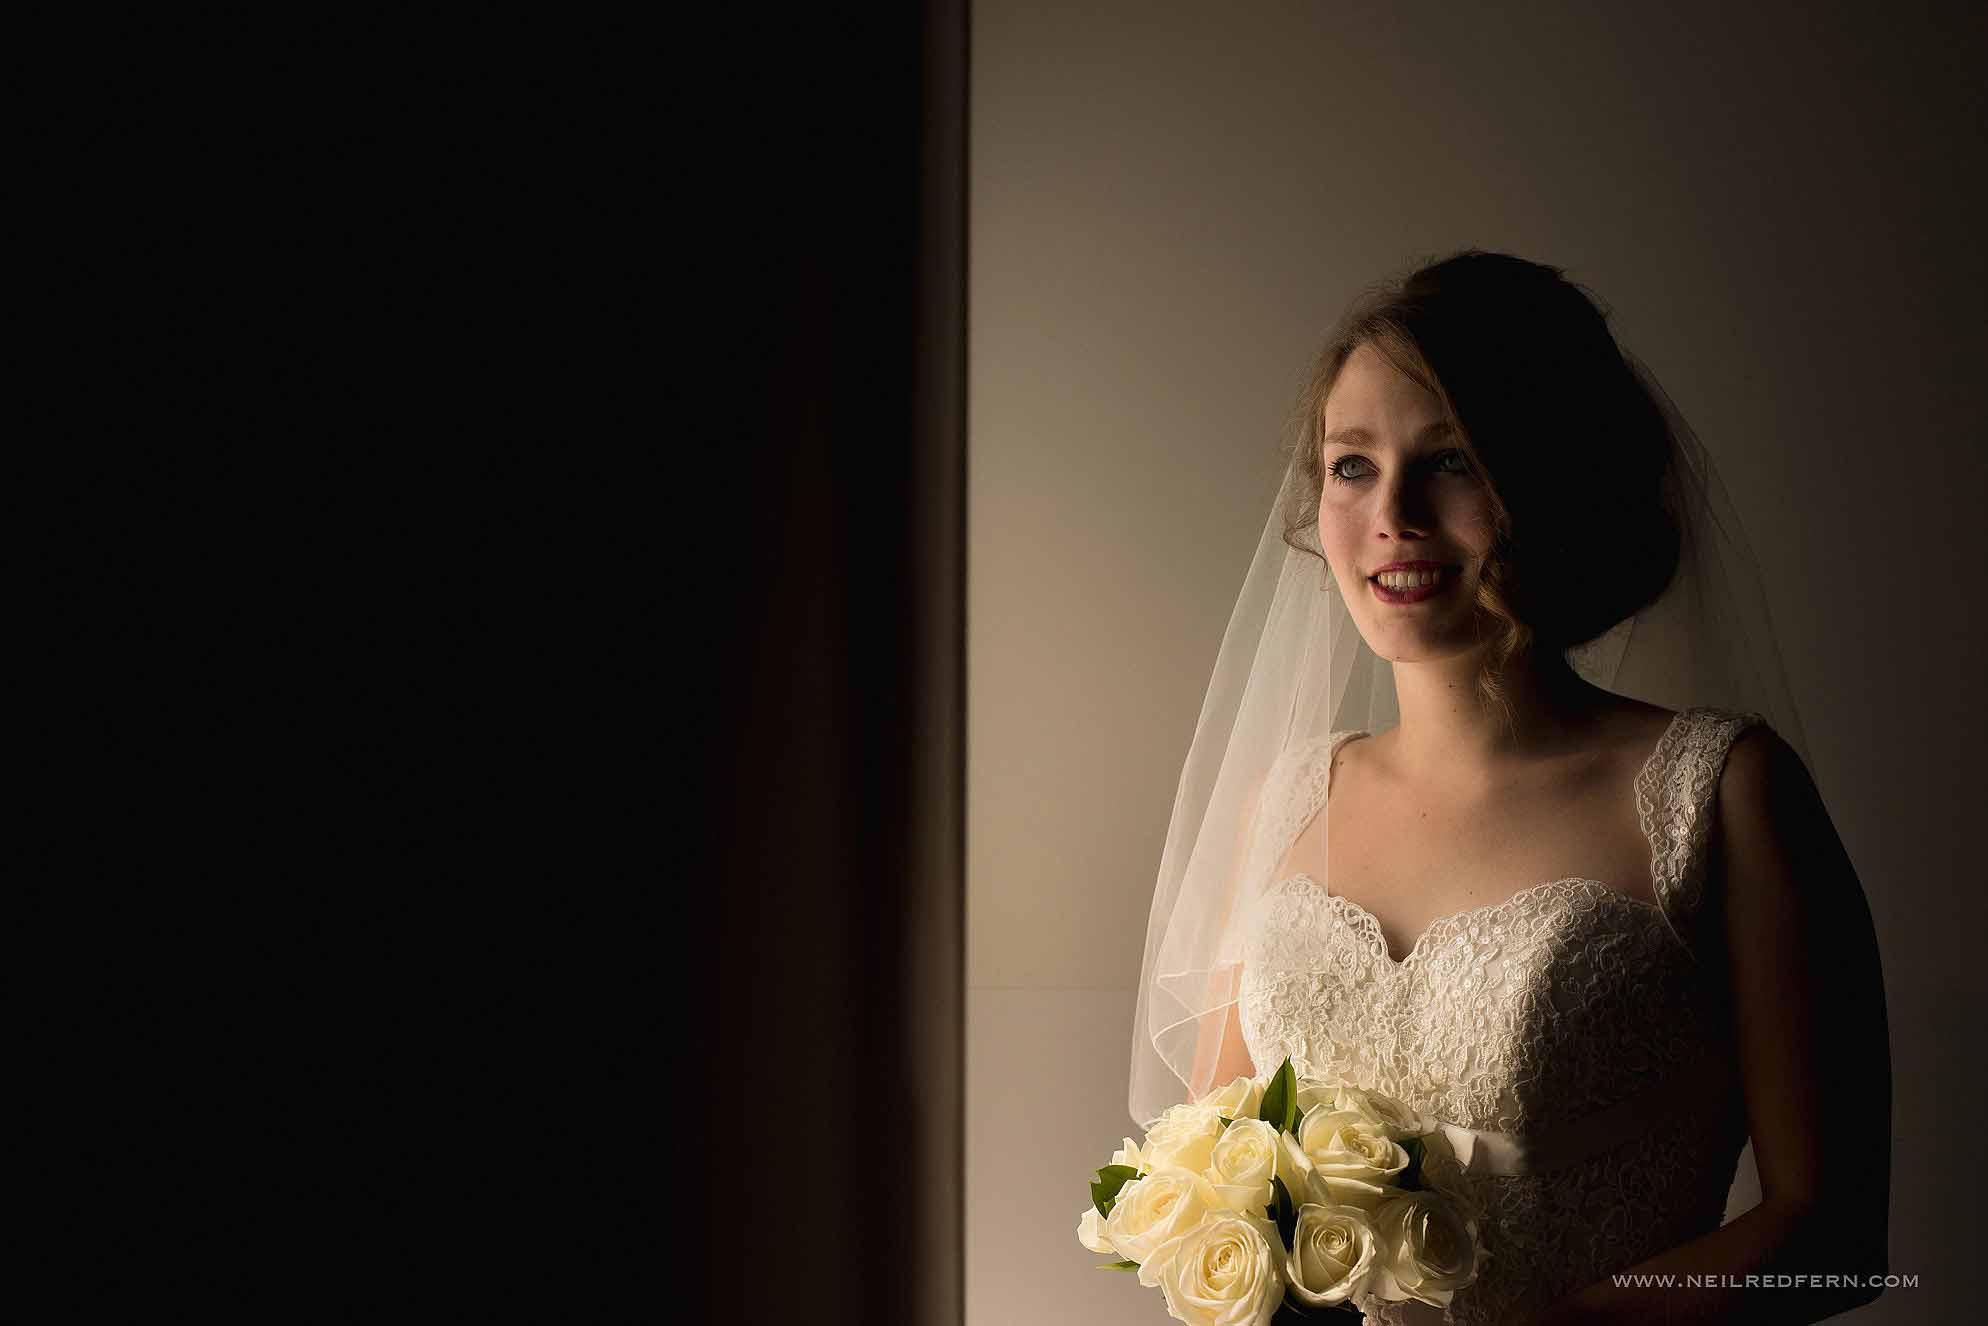 portrait of bride stood near window